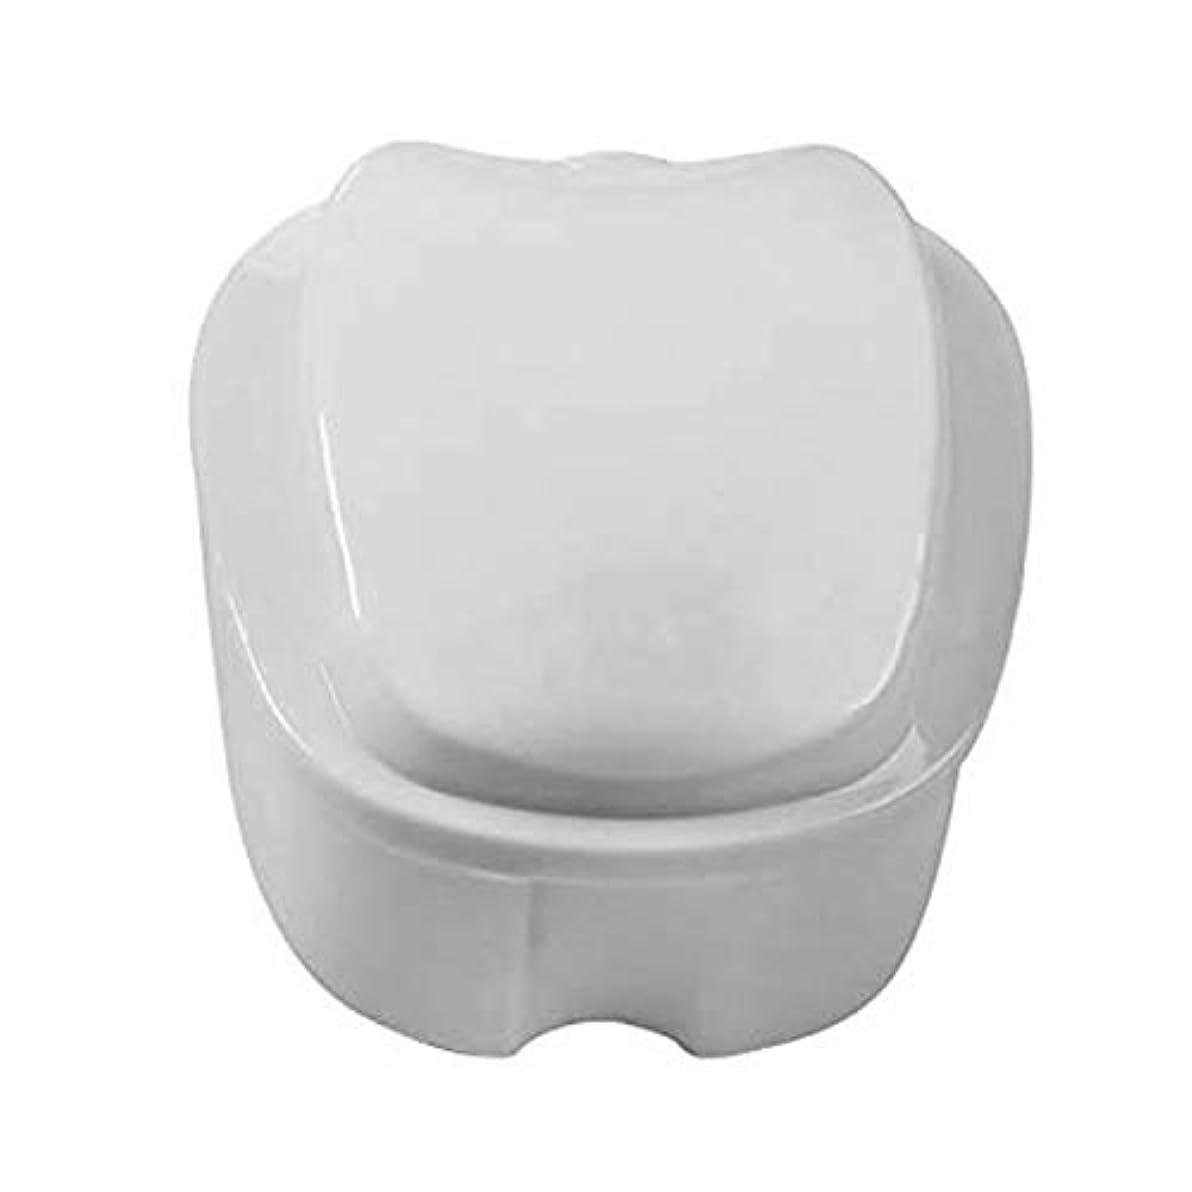 追加才能のある控えるCoiTek 入れ歯 ケース 義歯容器 家庭旅行用 ストレーナー付き(ホワイト)